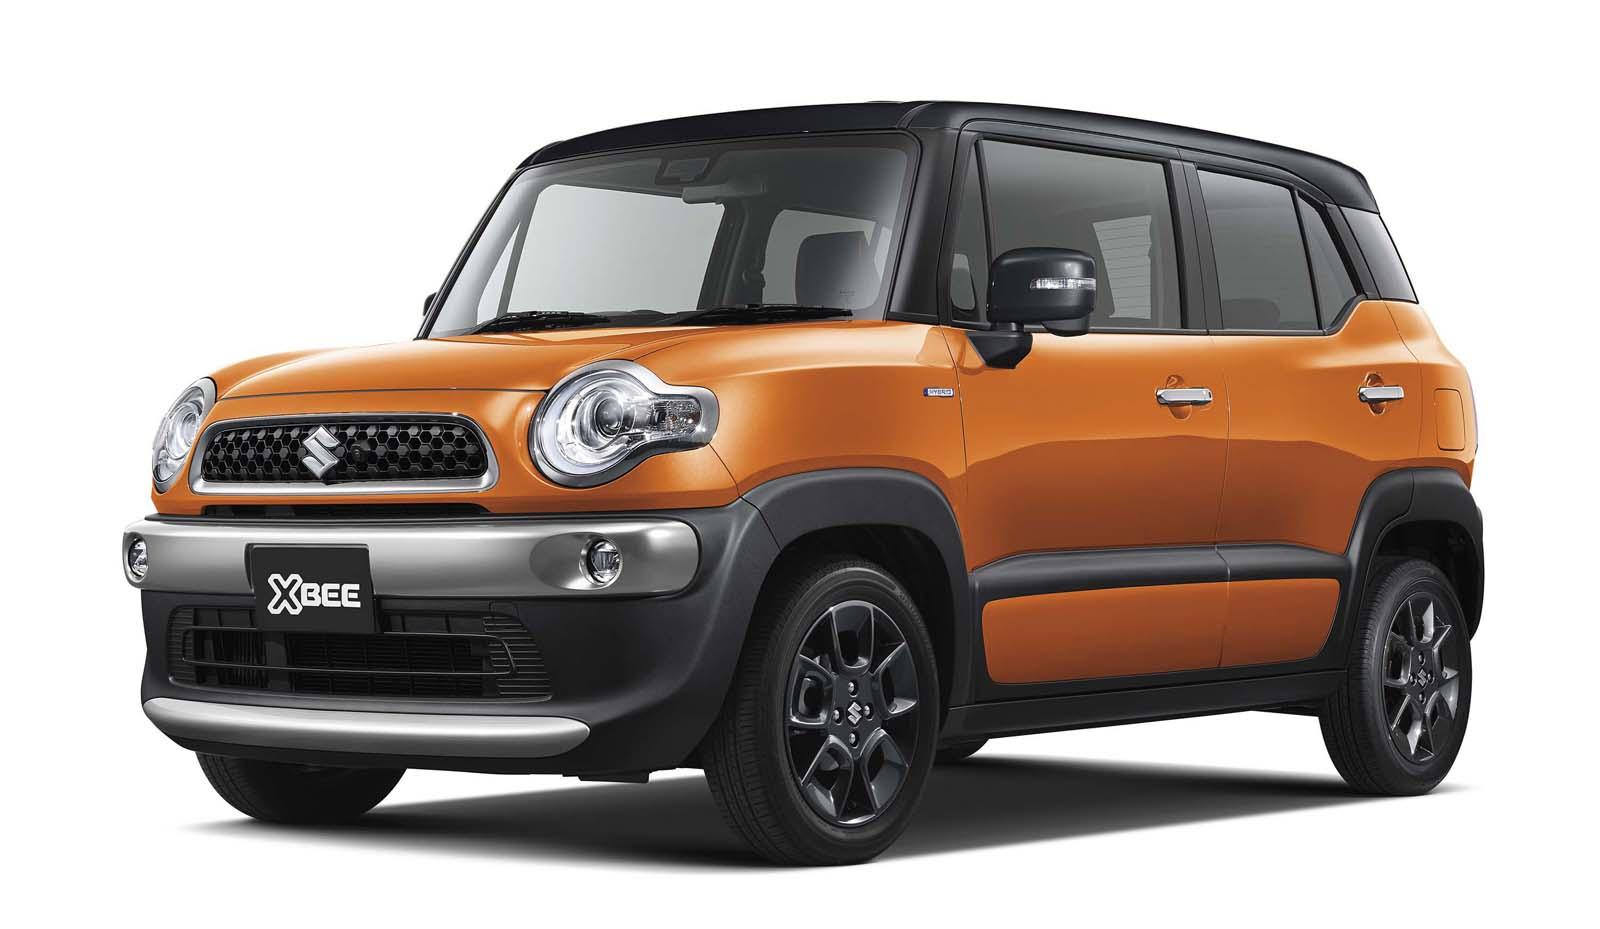 Suzuki Xbee 2018 (8)